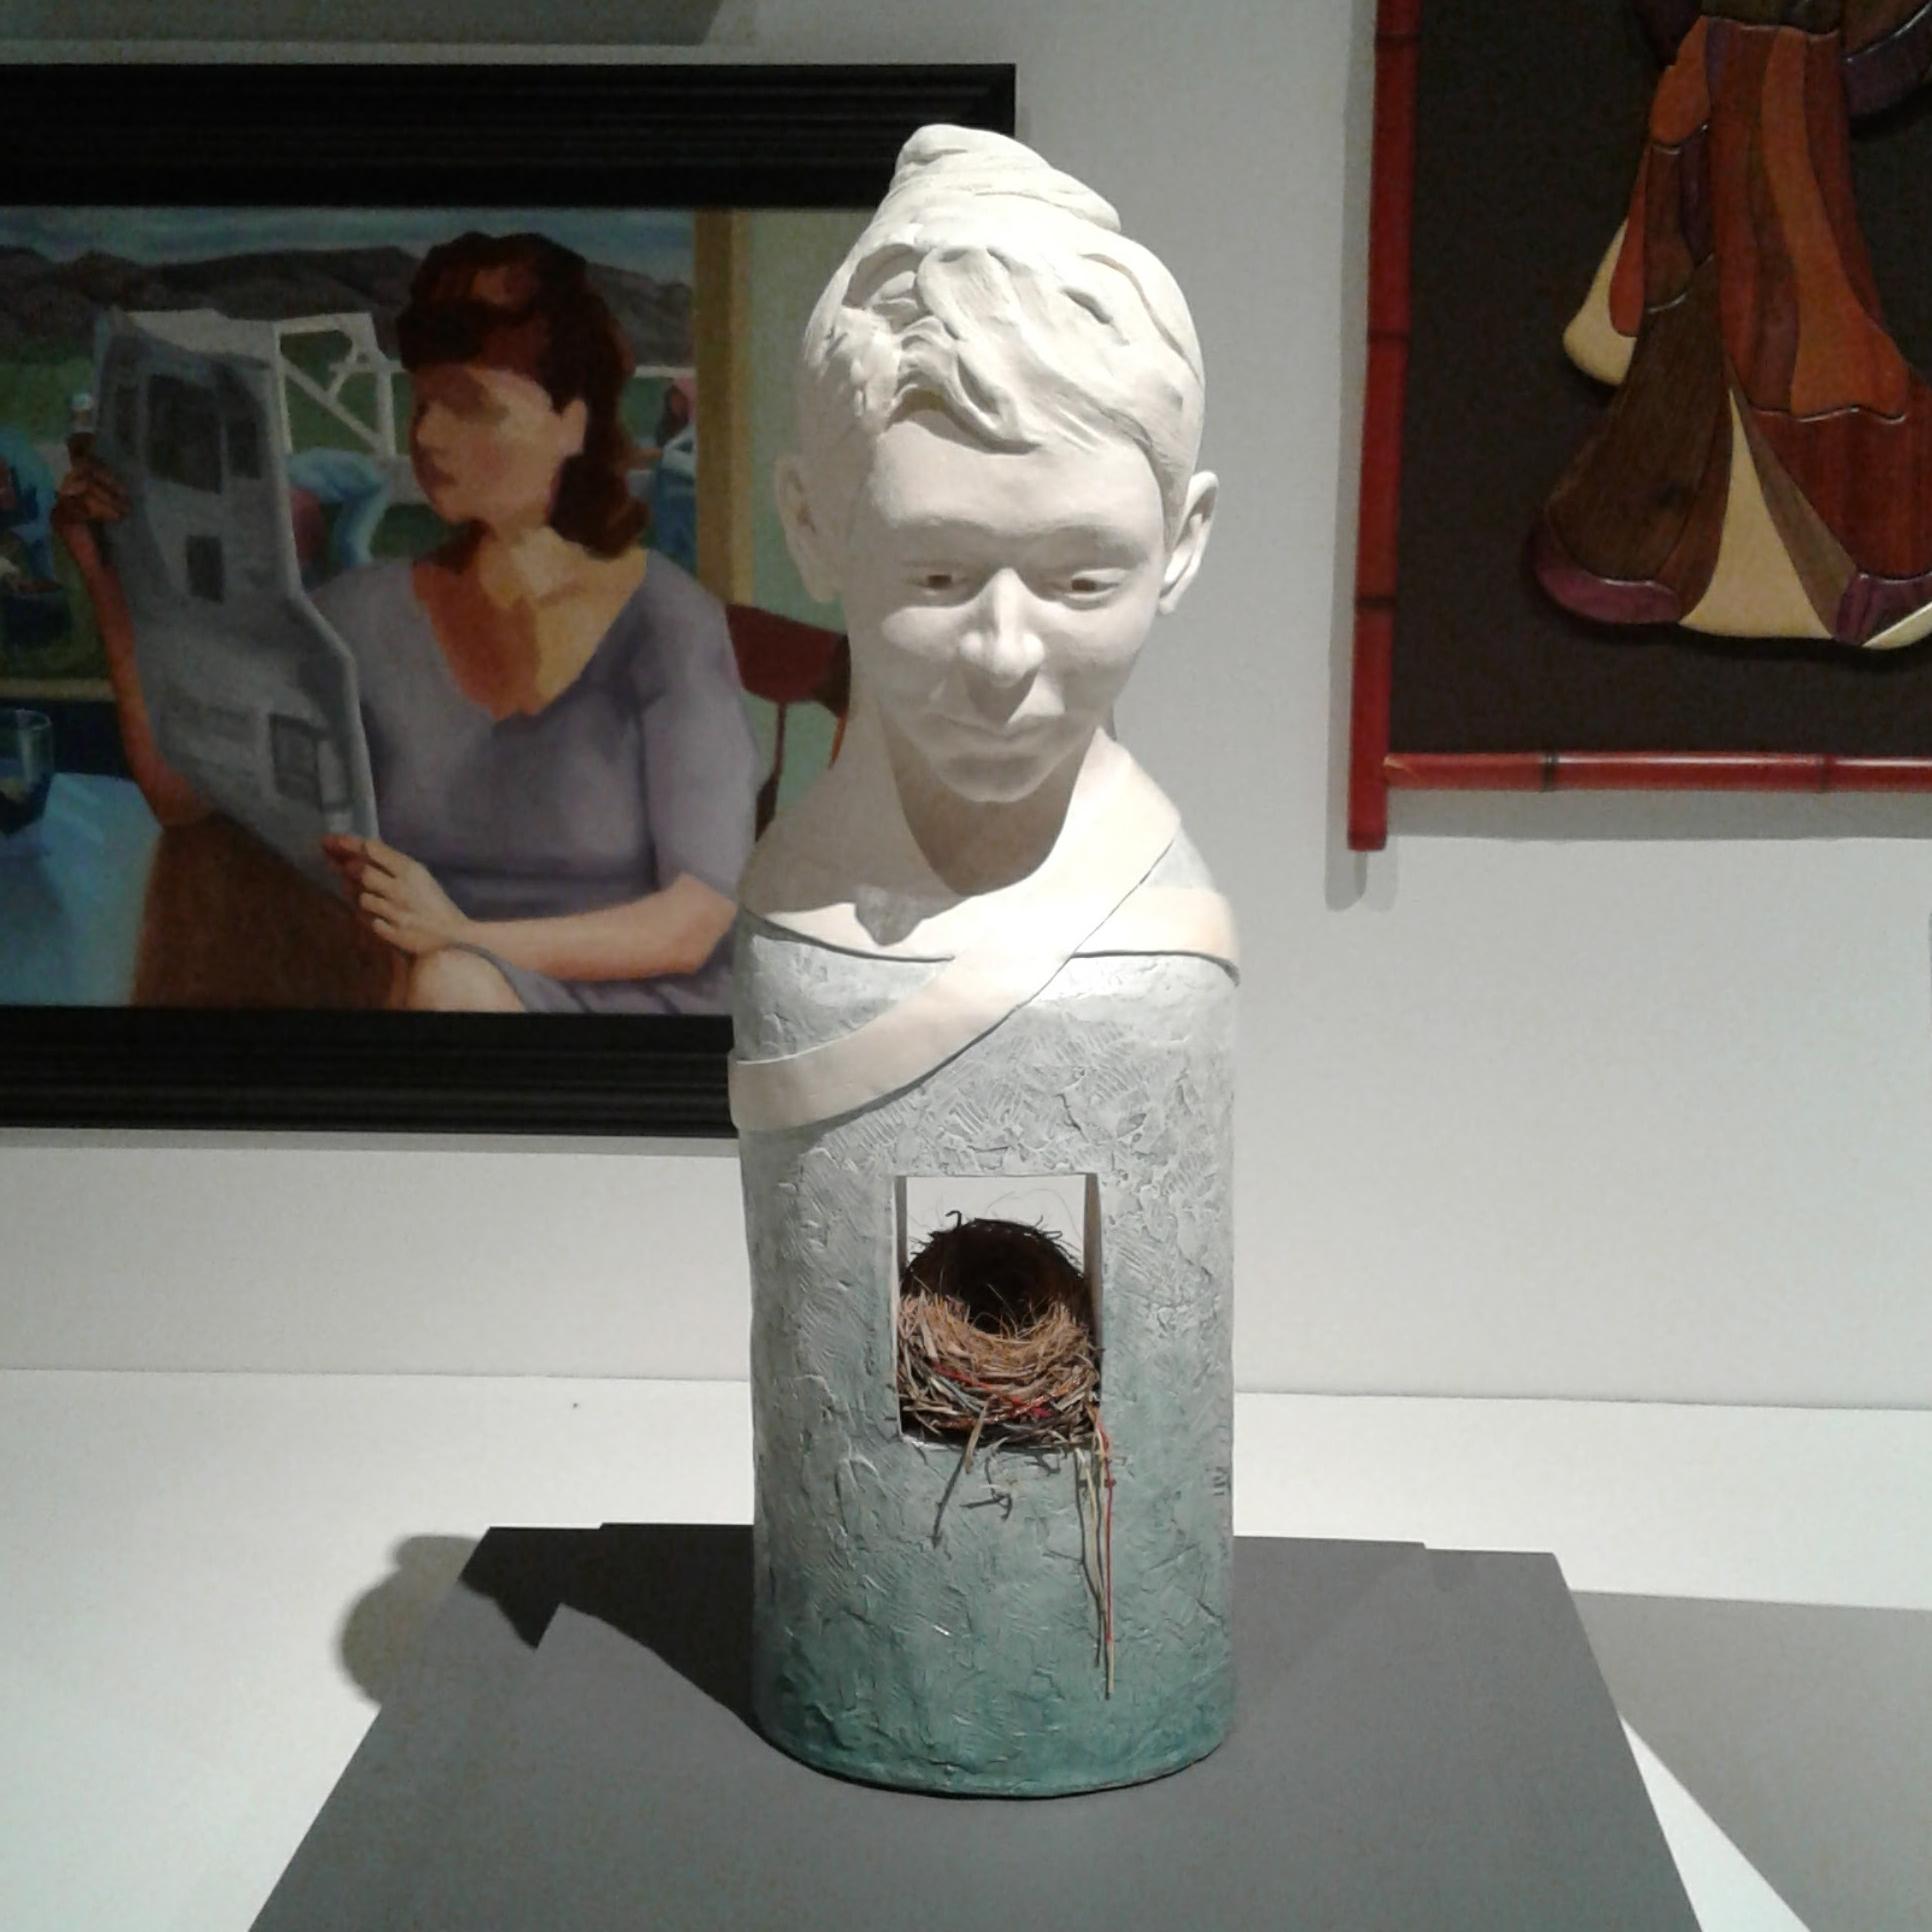 1st Place: Her Solitary Heart by Nikola Wojewoda-Patti